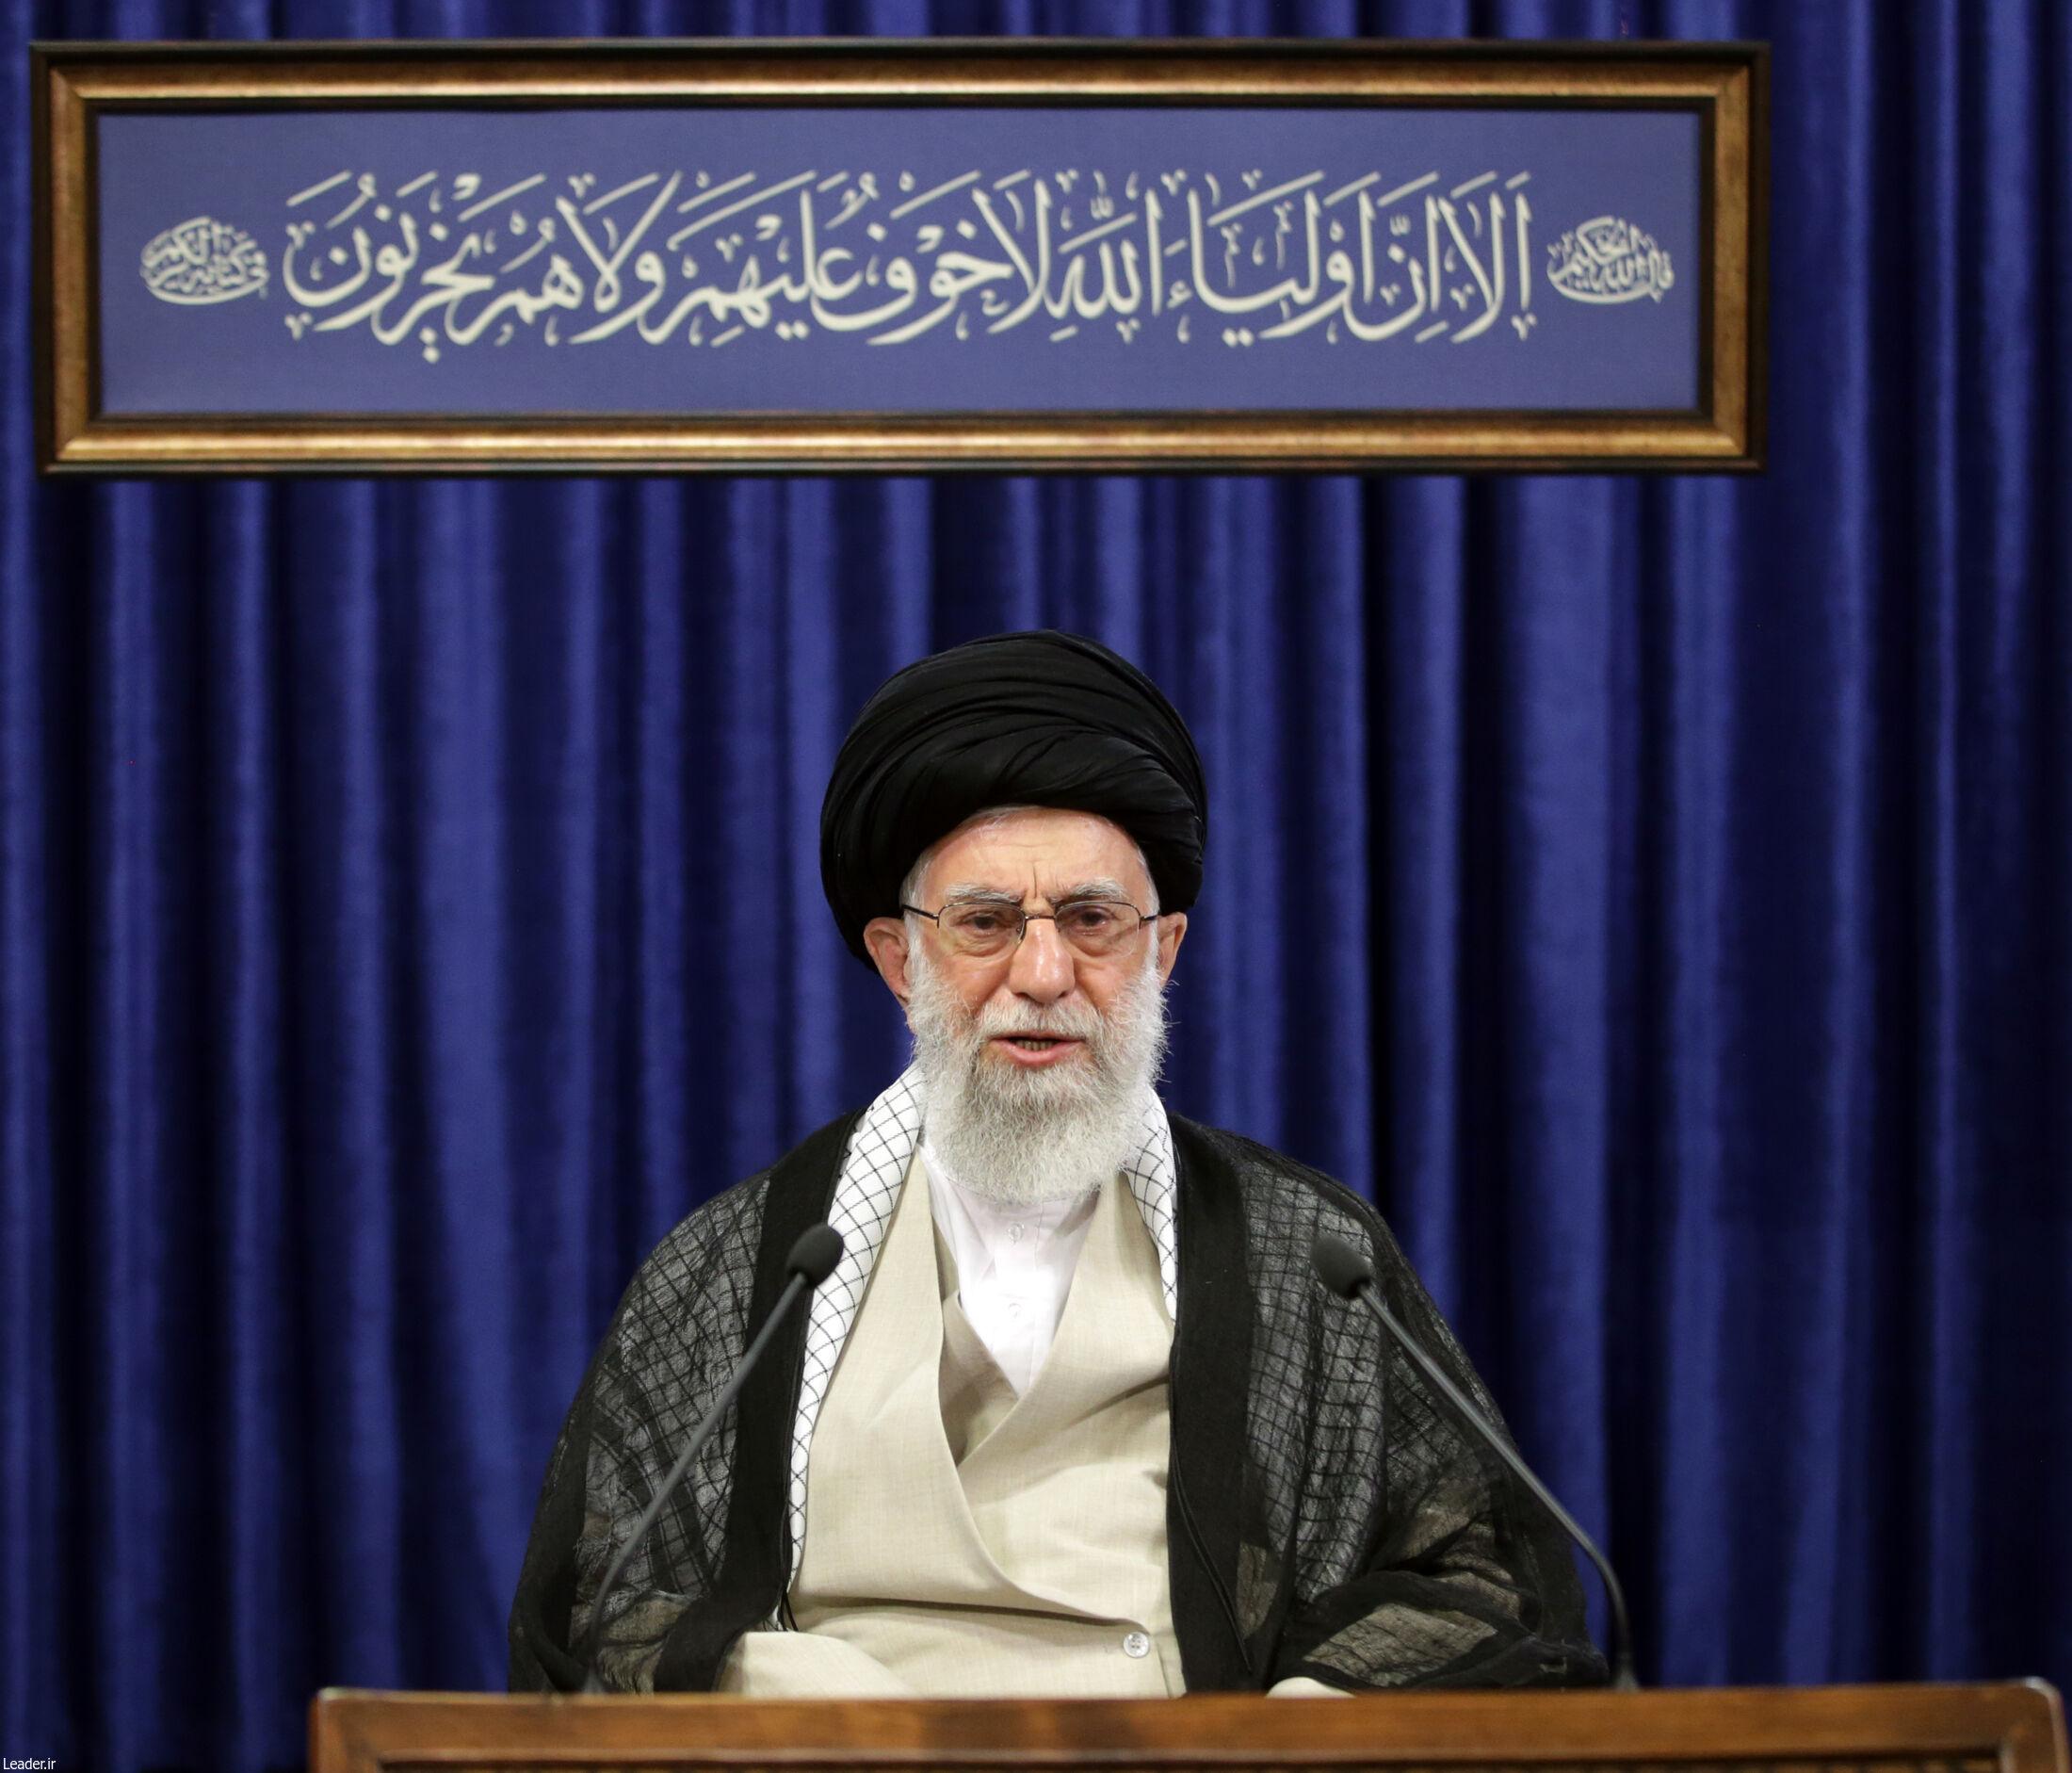 الإمام الخامنئي: الثورة الإسلامية شجرة ضخمة وصلبة لا تُقتلع